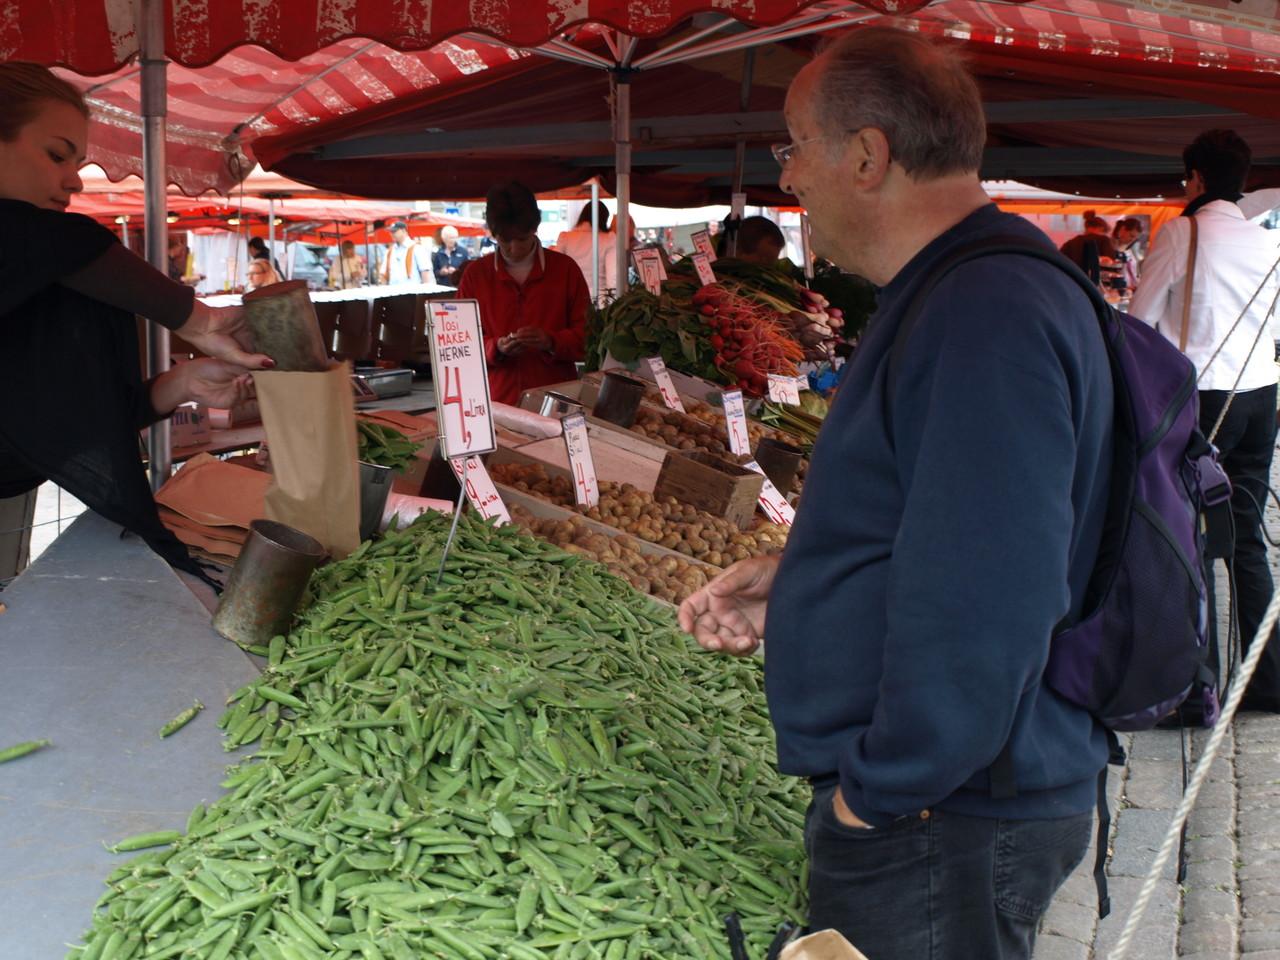 auf dem Markt kauft man Erbsen in Liter ein